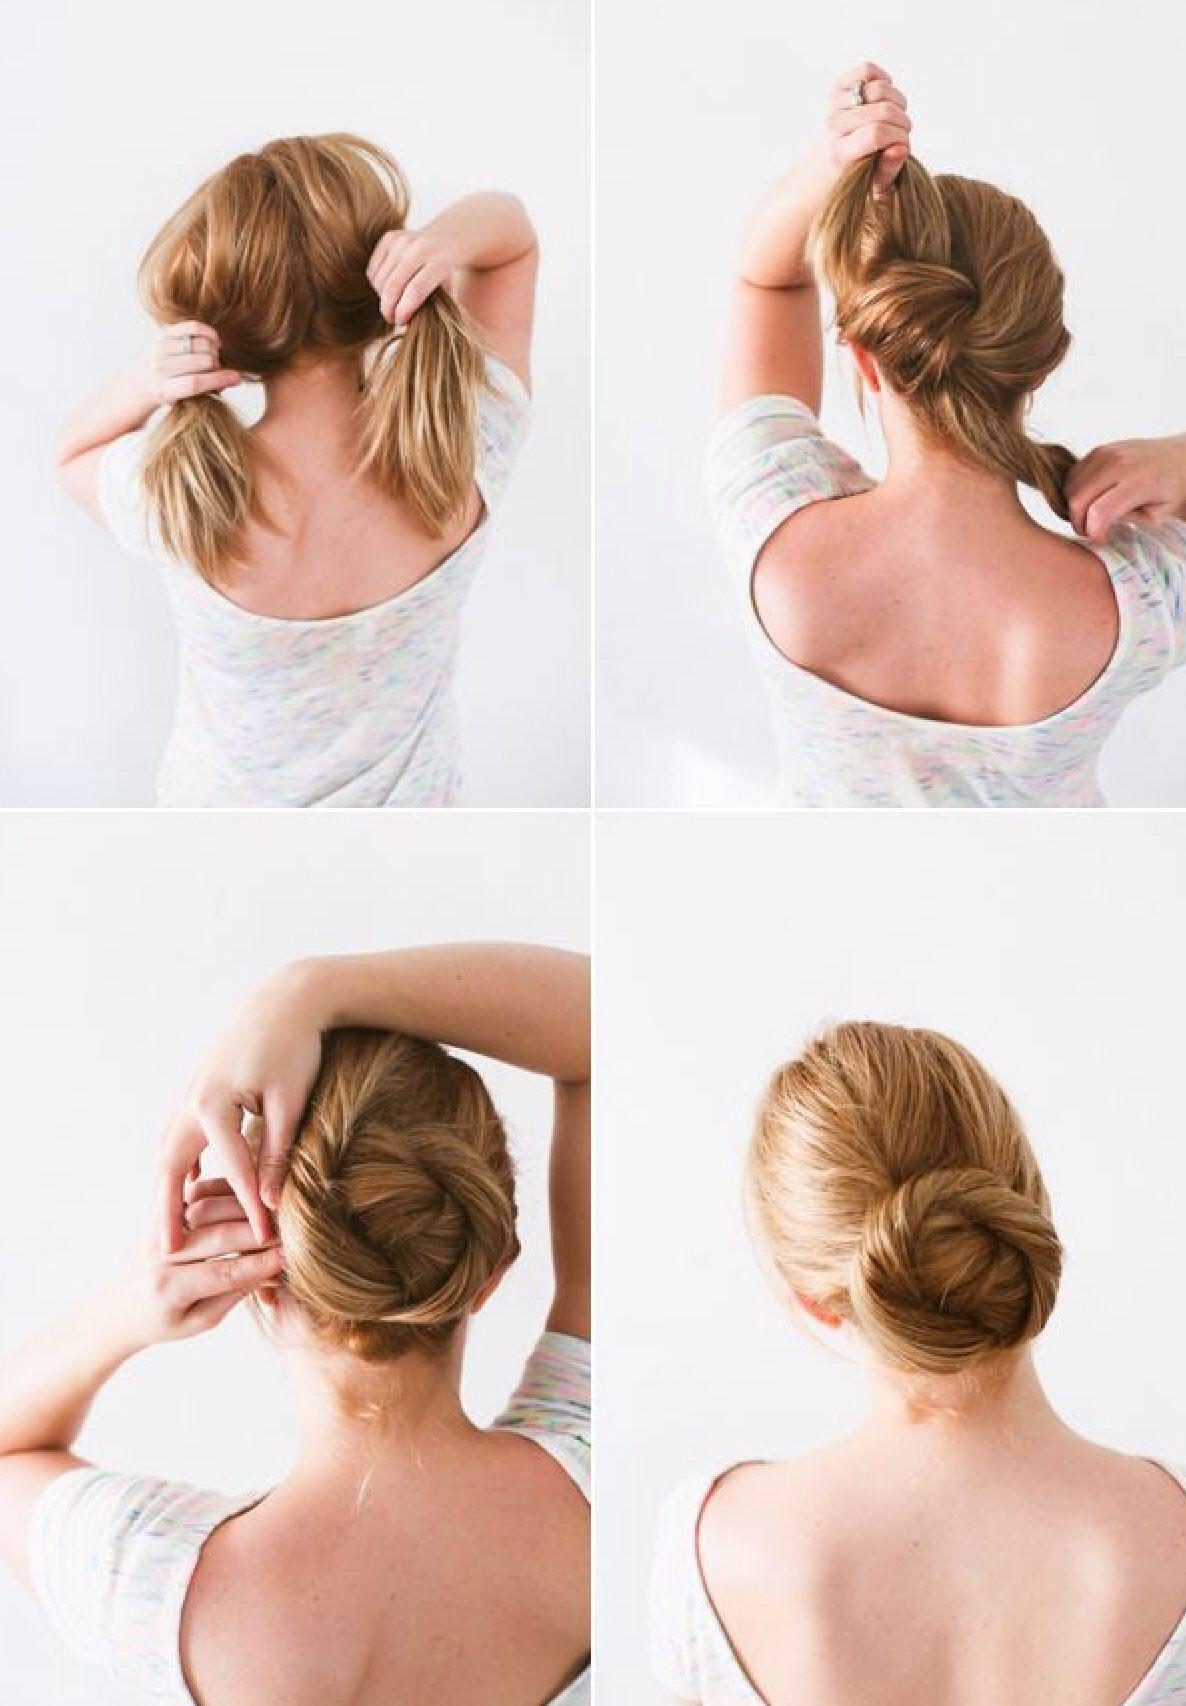 Hair tgif diy | Hair | Pinterest | Tgif, Hair style and Updos